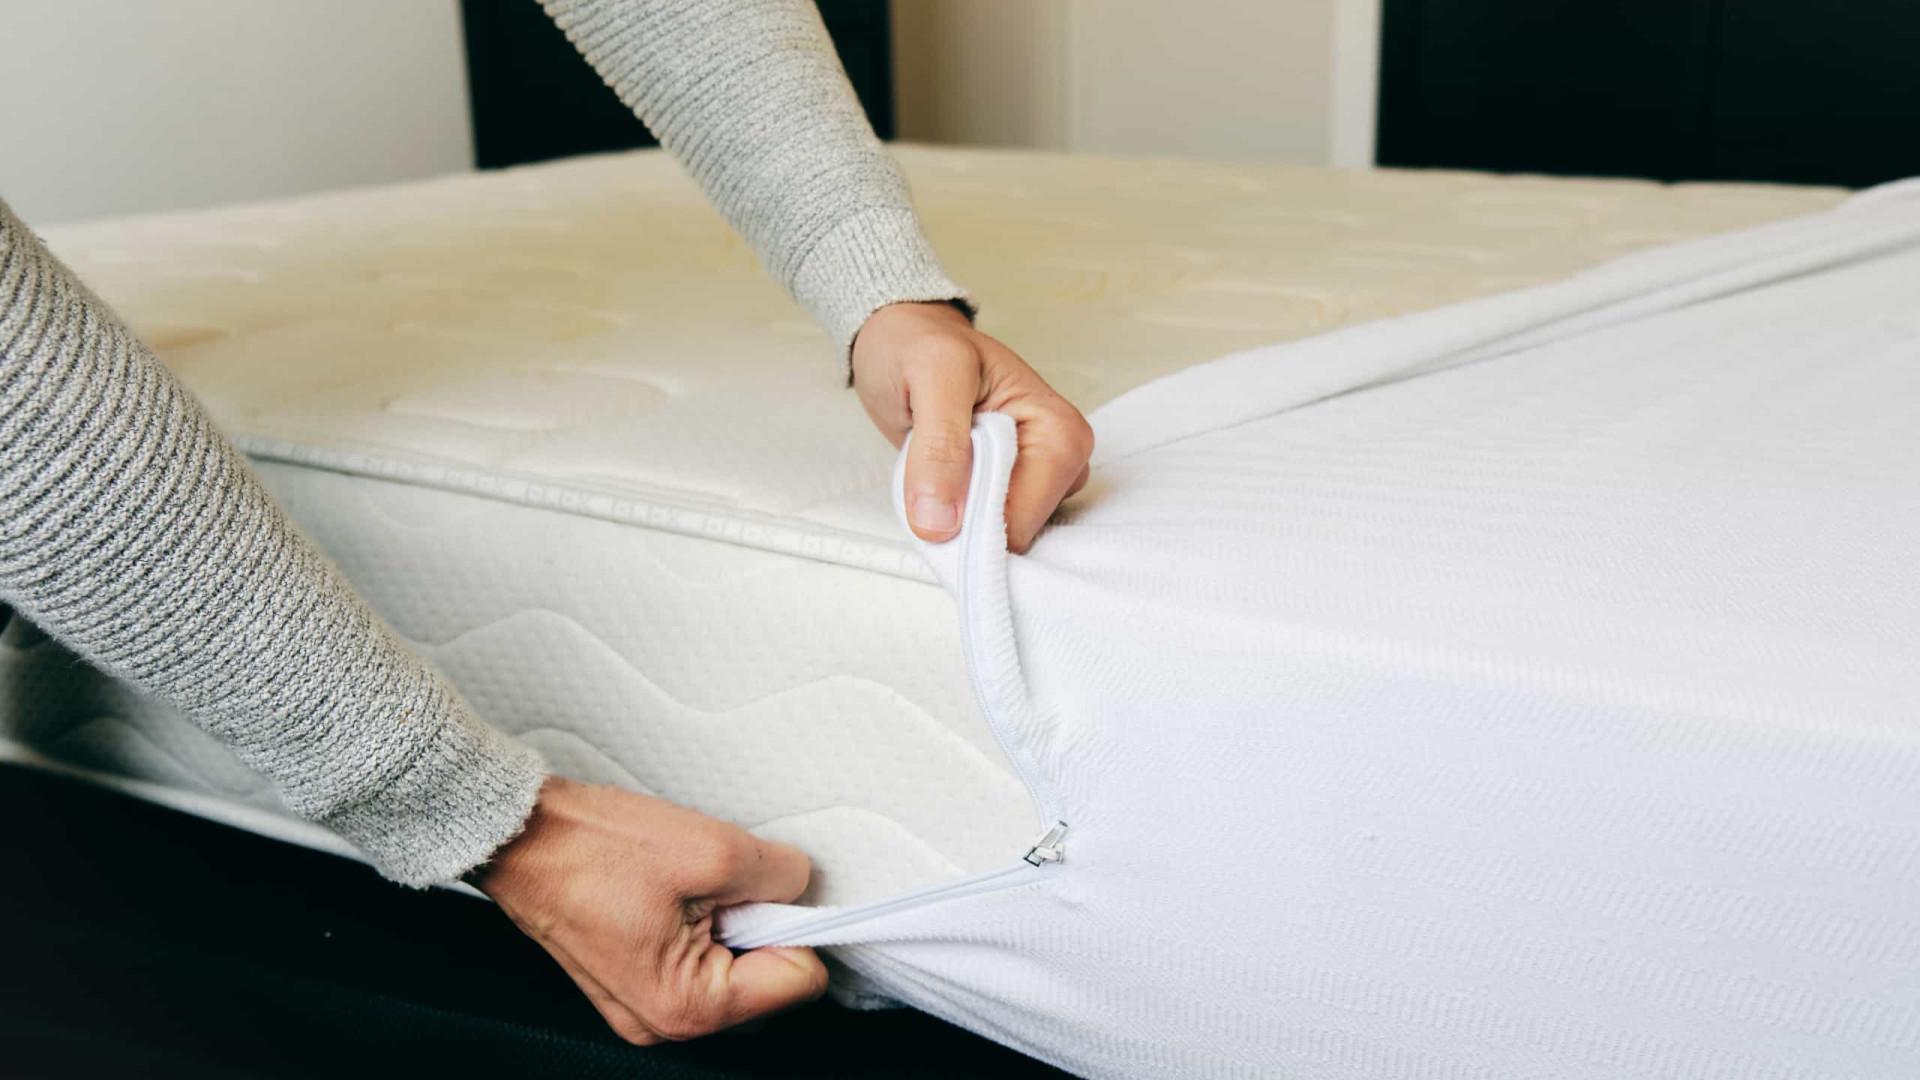 Não sabe como limpar o colchão? Use bicarbonato de sódio (sim, leu bem)